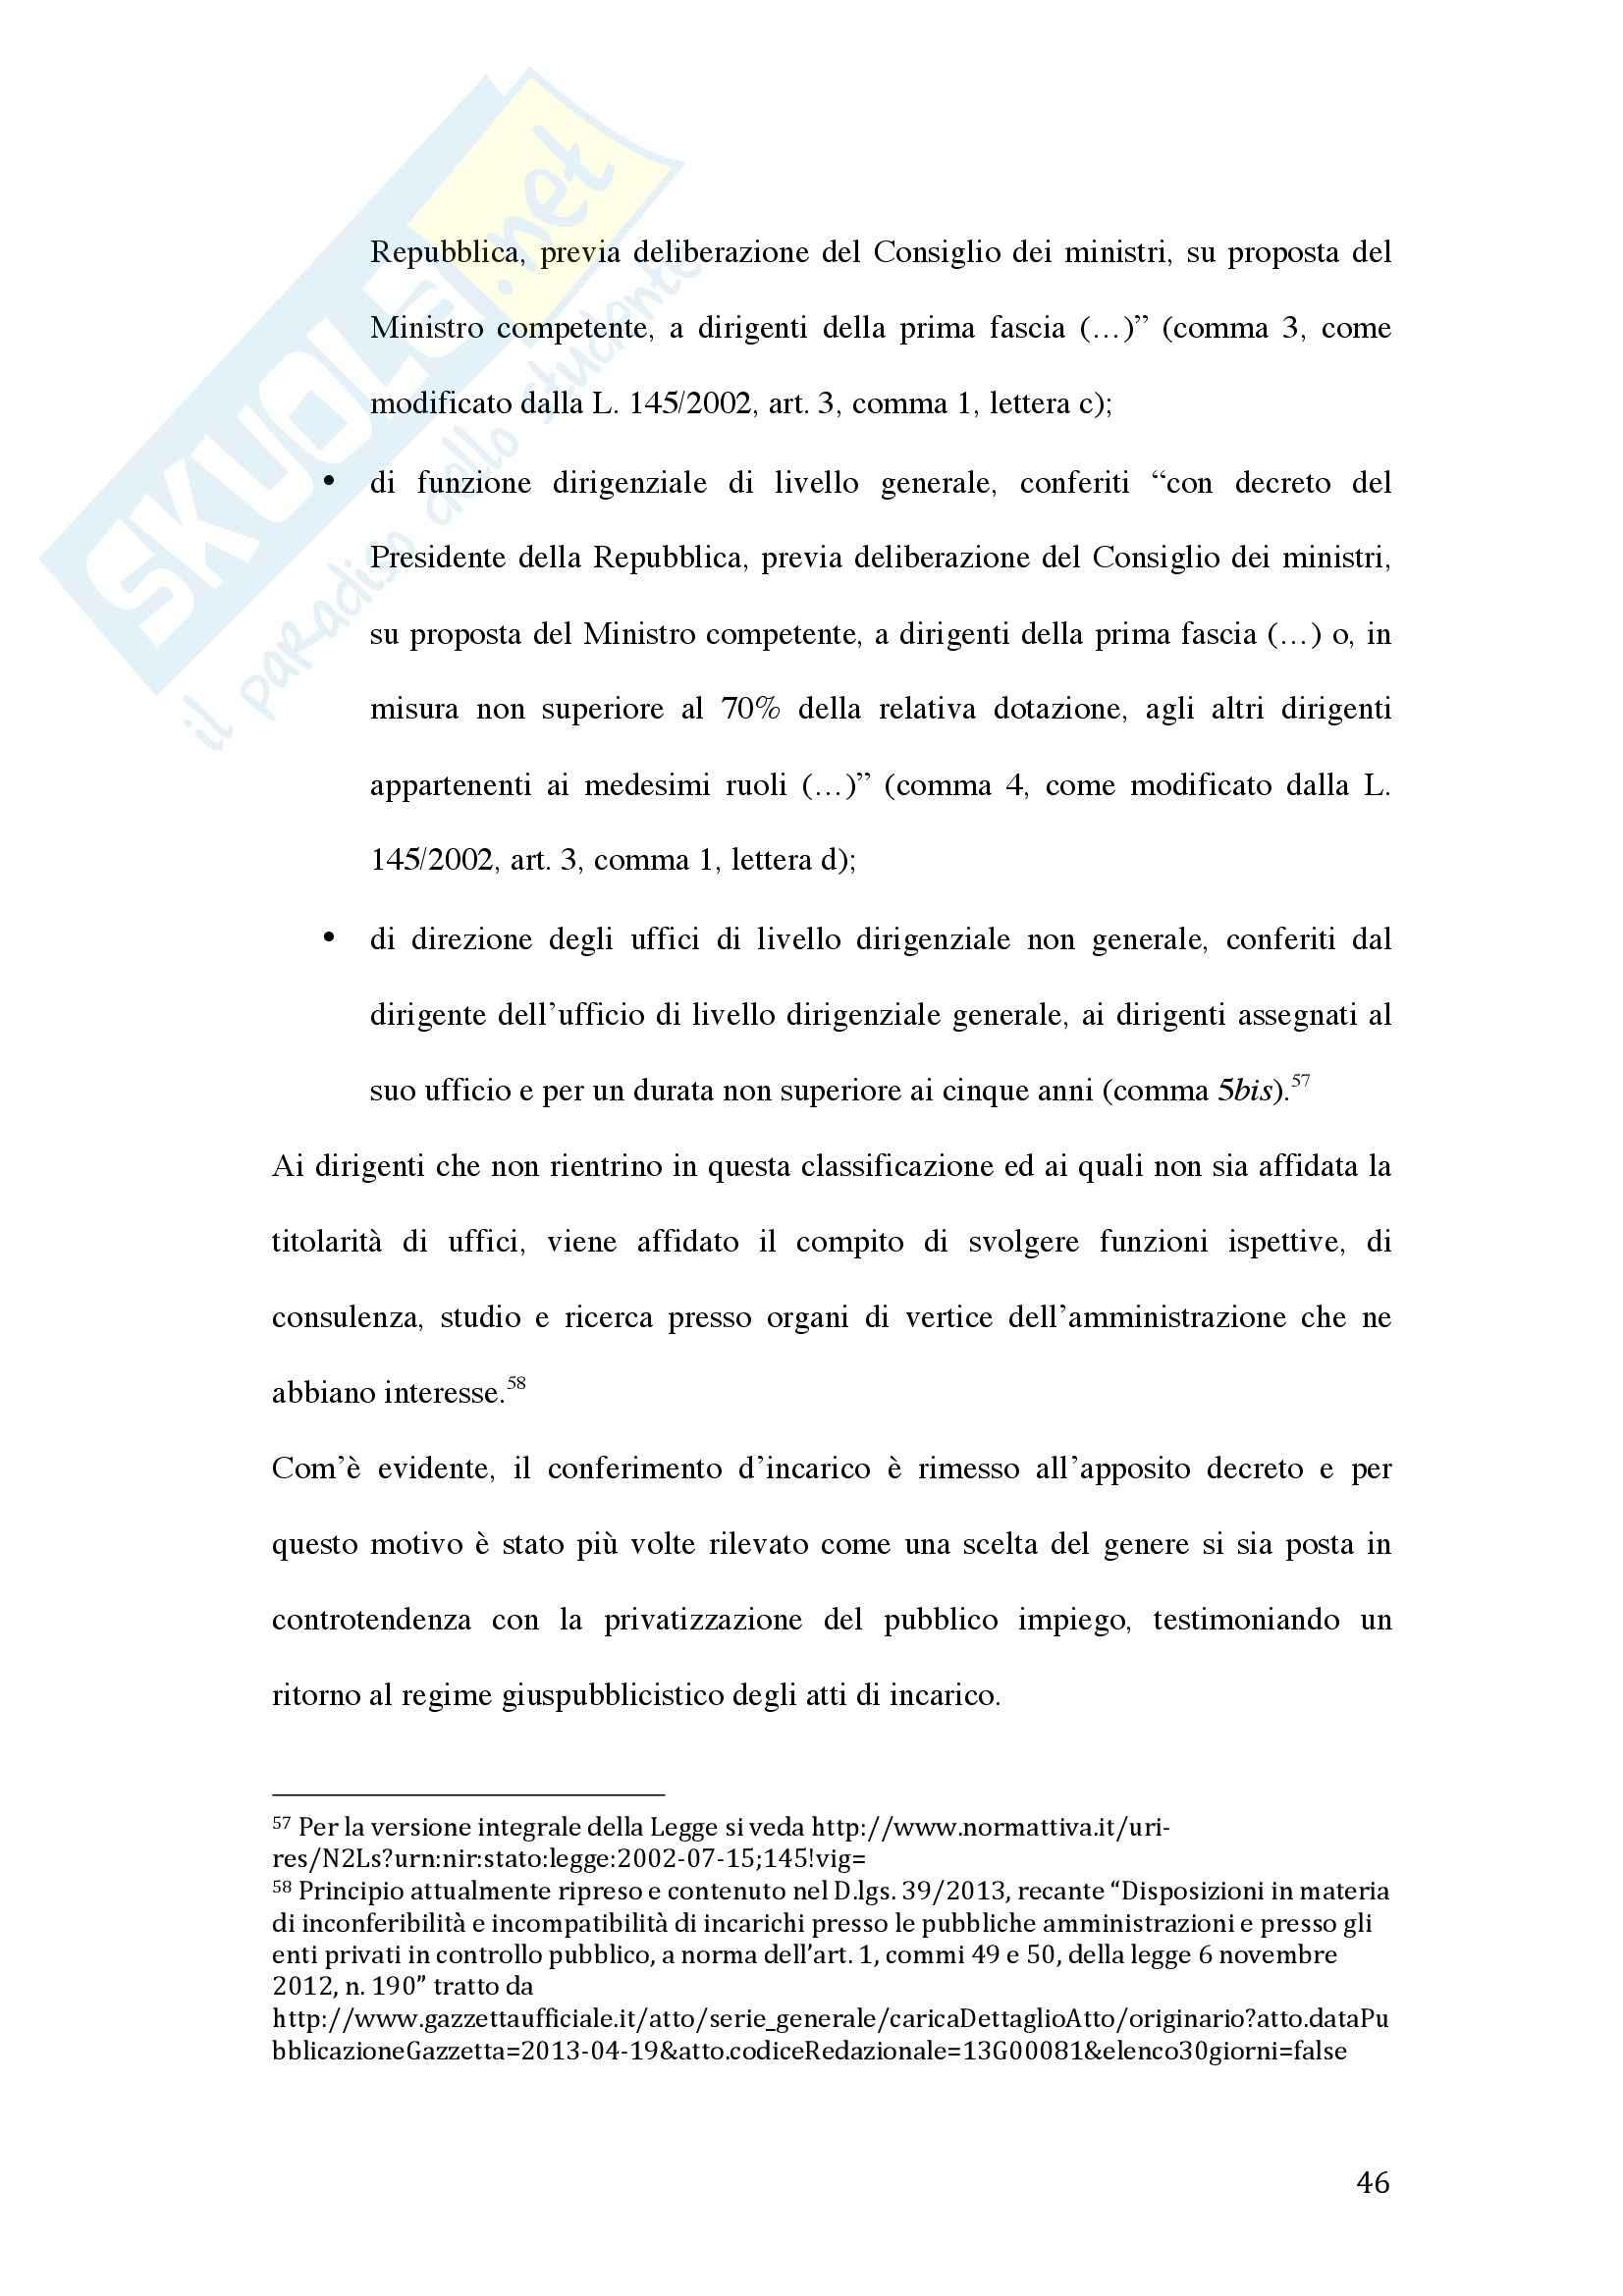 Tesi - La valutazione della dirigenza nelle pubbliche amministrazioni Pag. 46